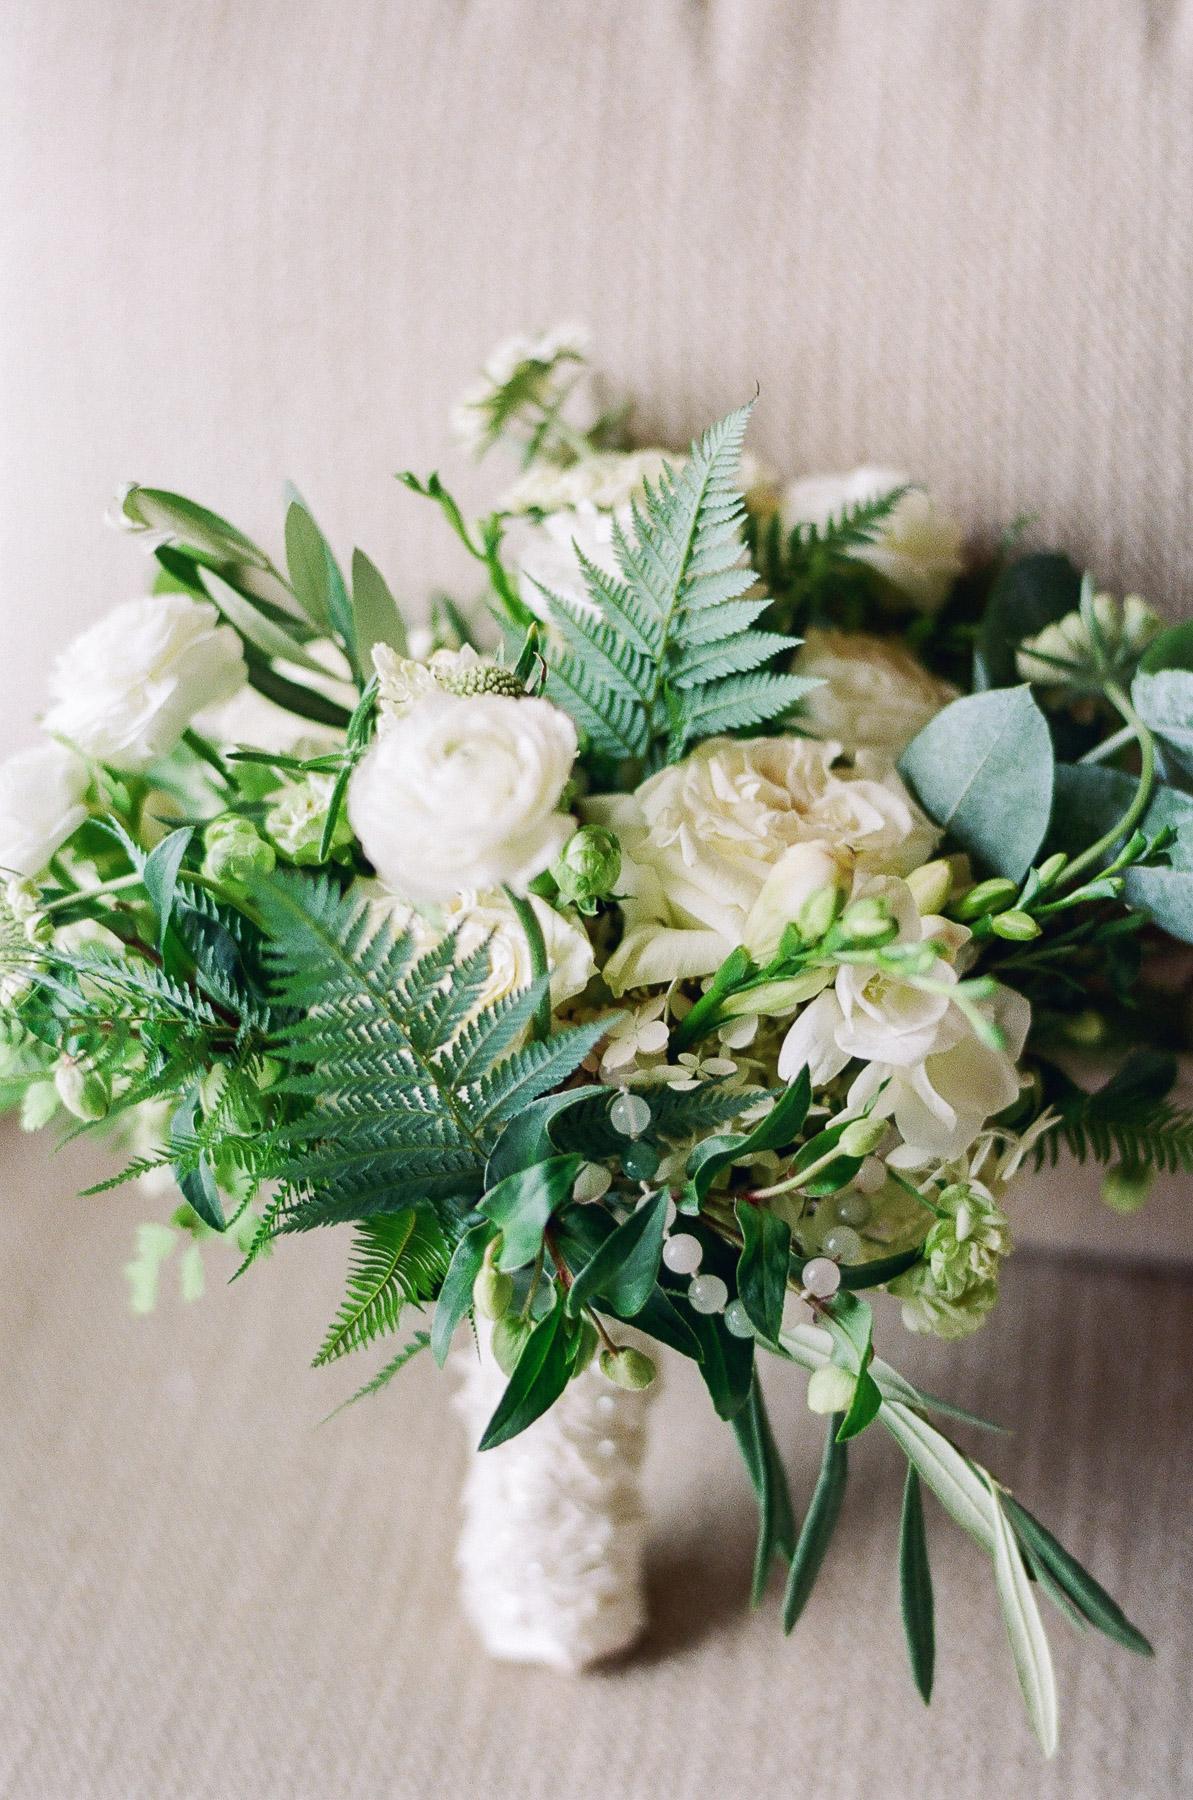 Renaissance Floral Design Bouquet